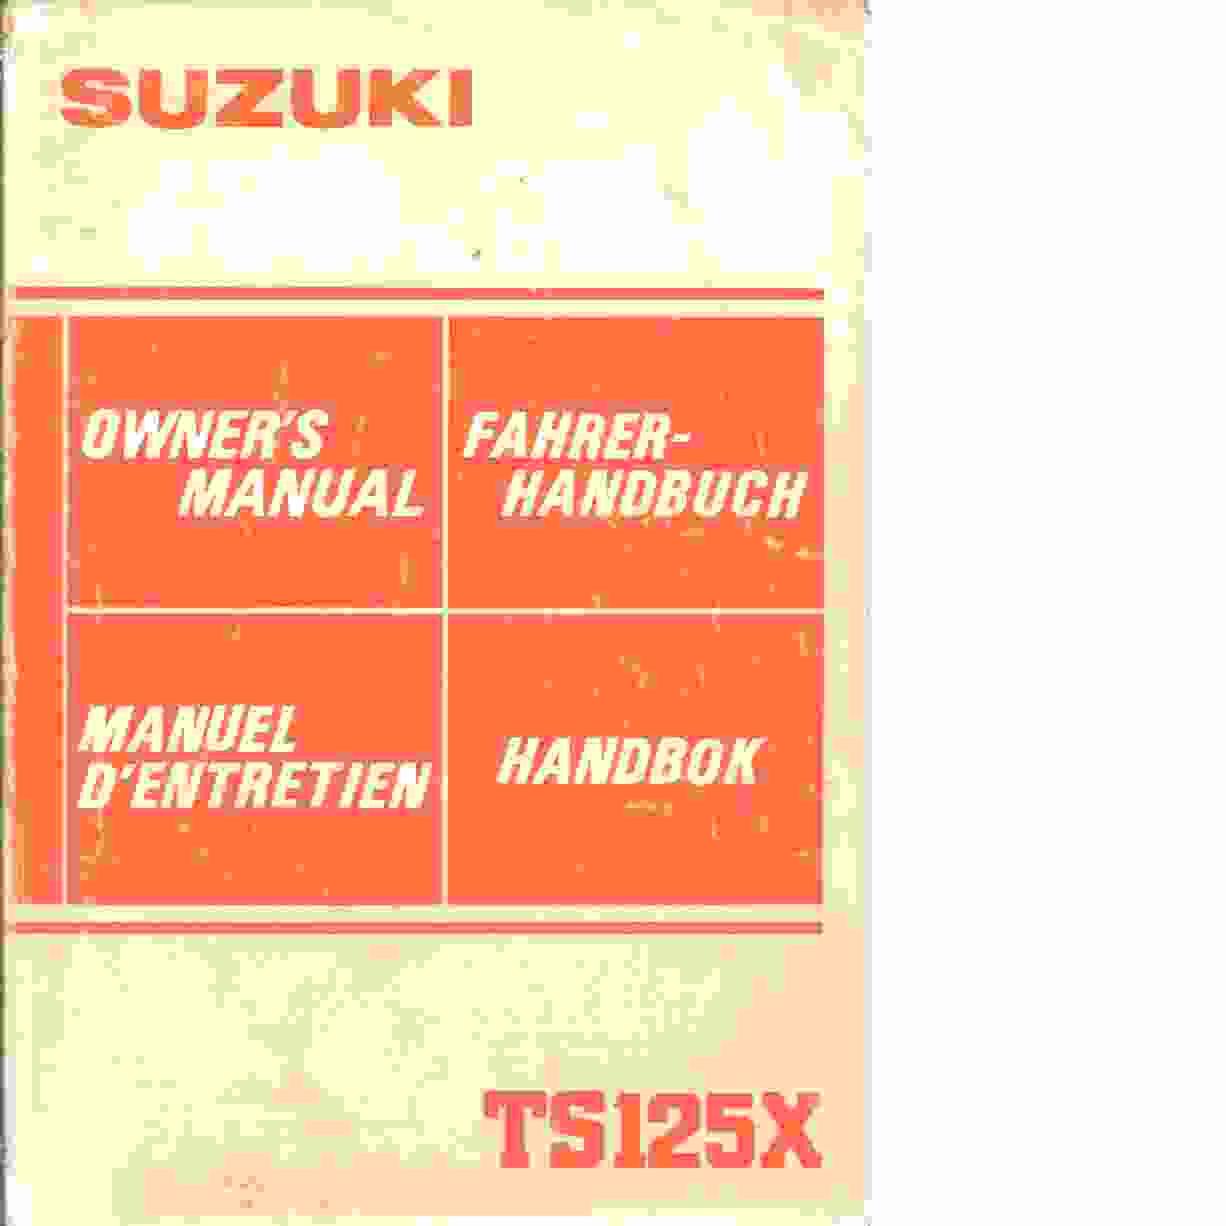 Suzuki handbok - Red.